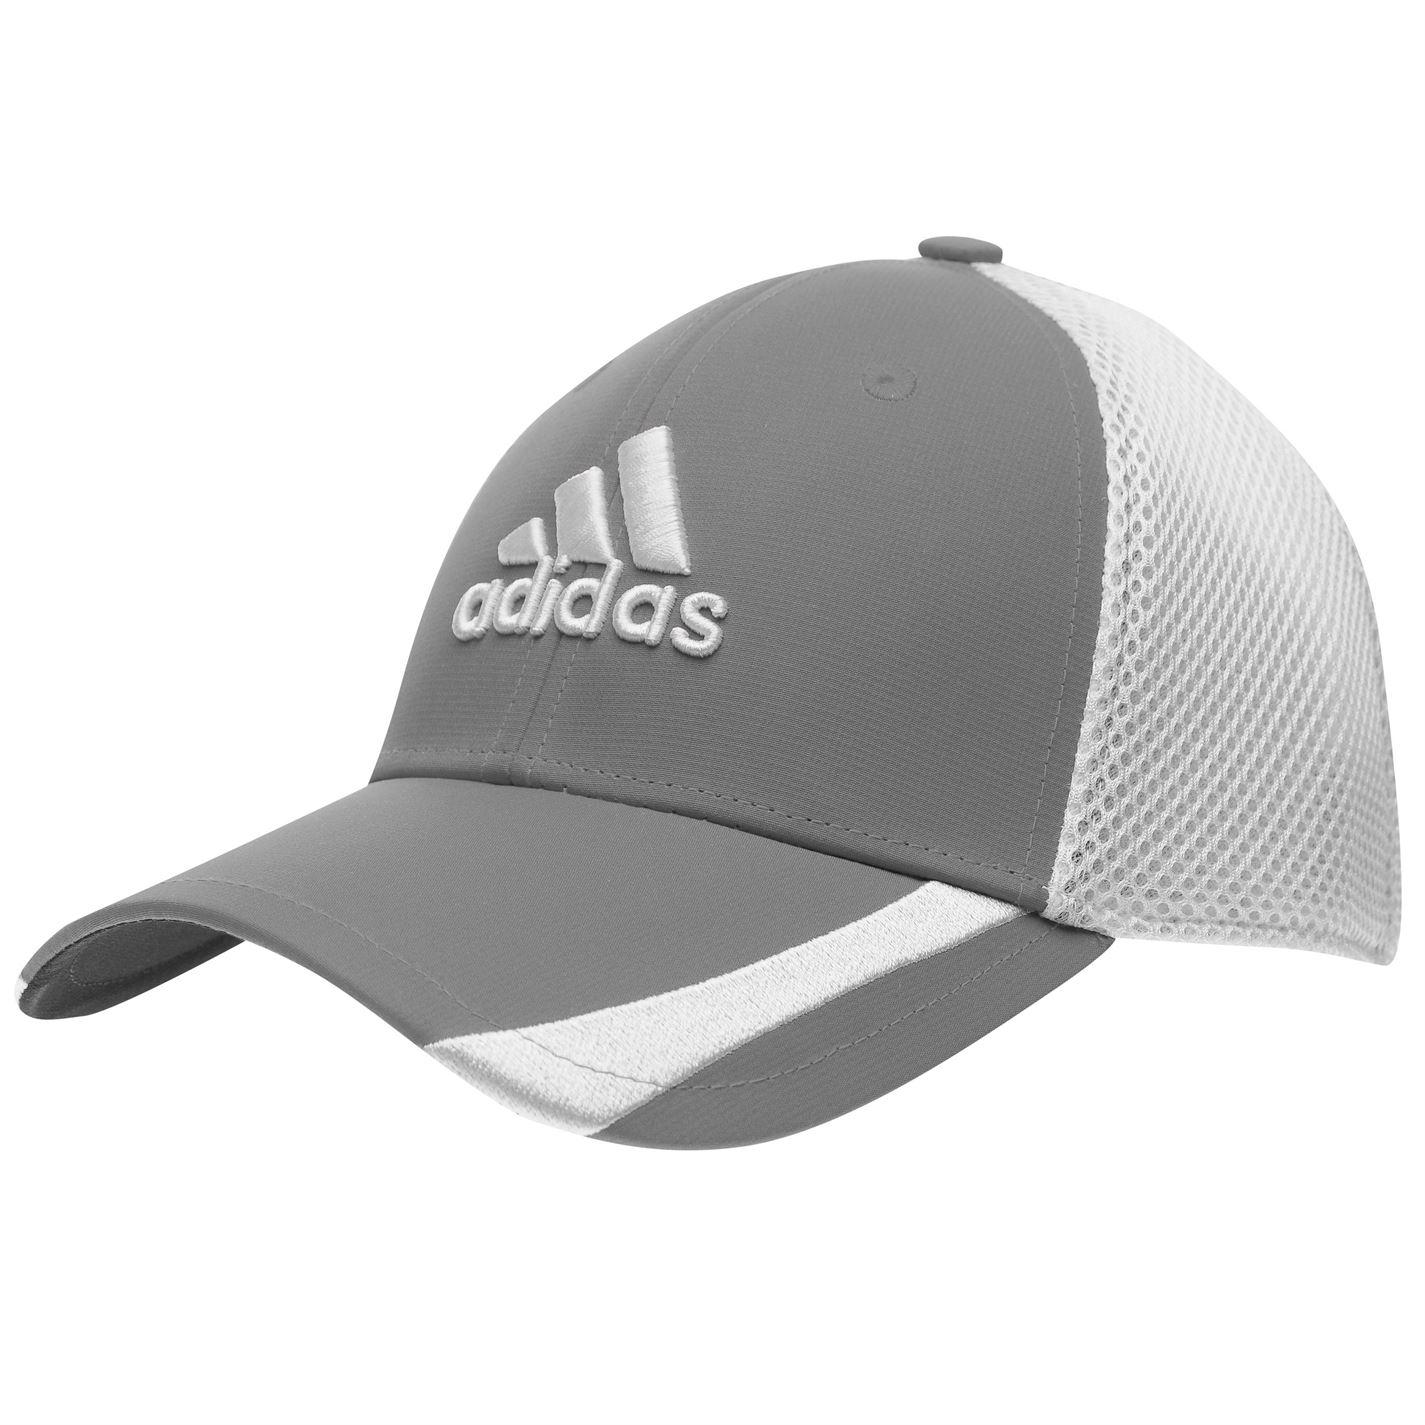 c0e366659 Šiltovka Adidas Tour RDR Cap Mens | CAPSHOP.SK